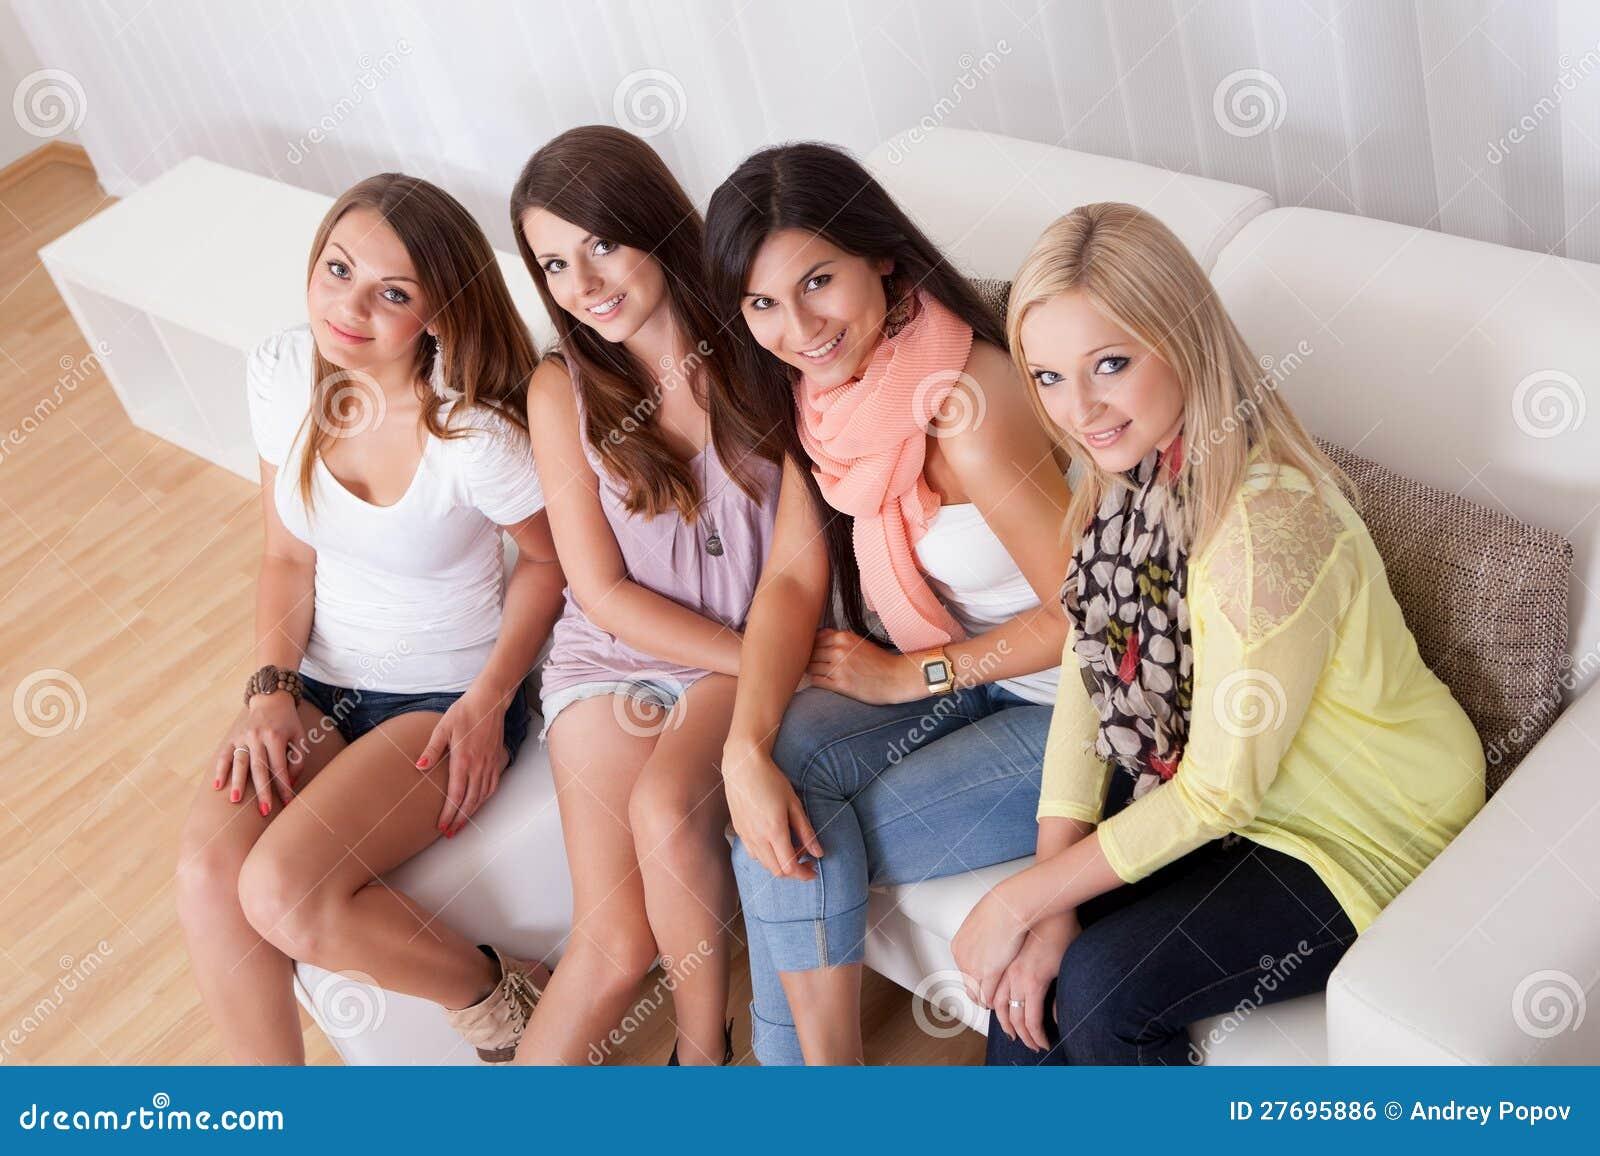 Трахает молодую сочную, Молодые порно видео. Секс с молодыми девушками 23 фотография